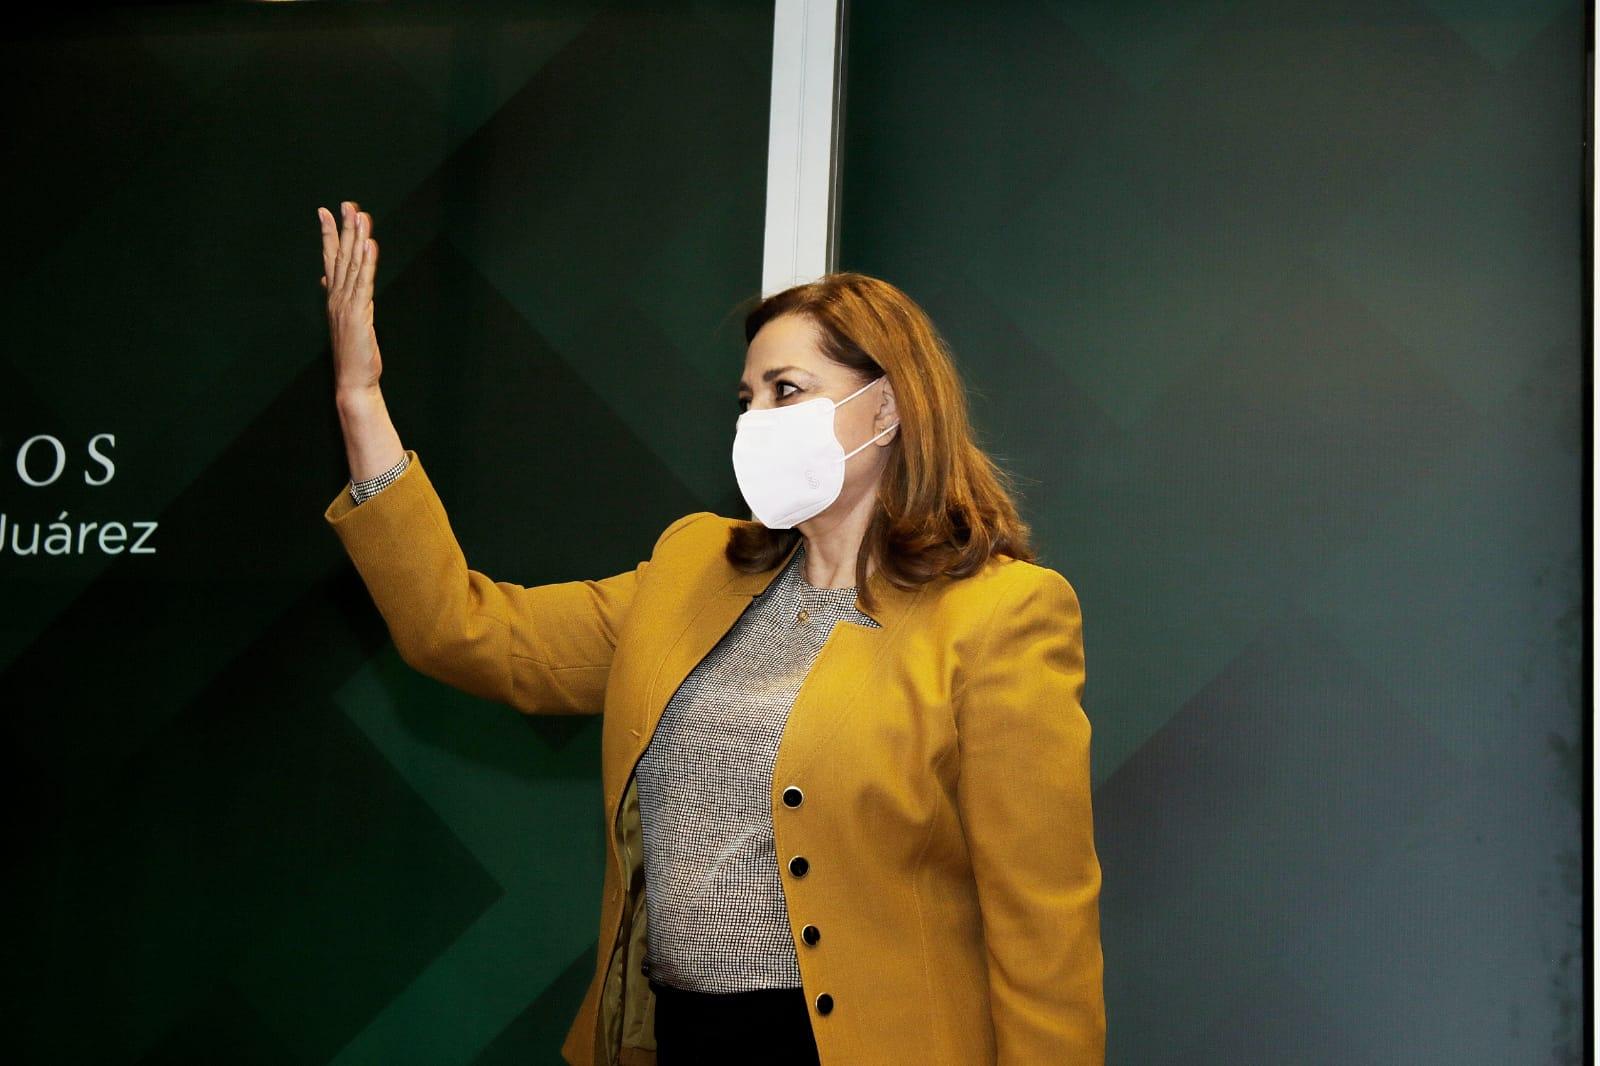 Hagamos una gran alianza para el resurgimiento de Ciudad Juárez: Graciela Ortiz